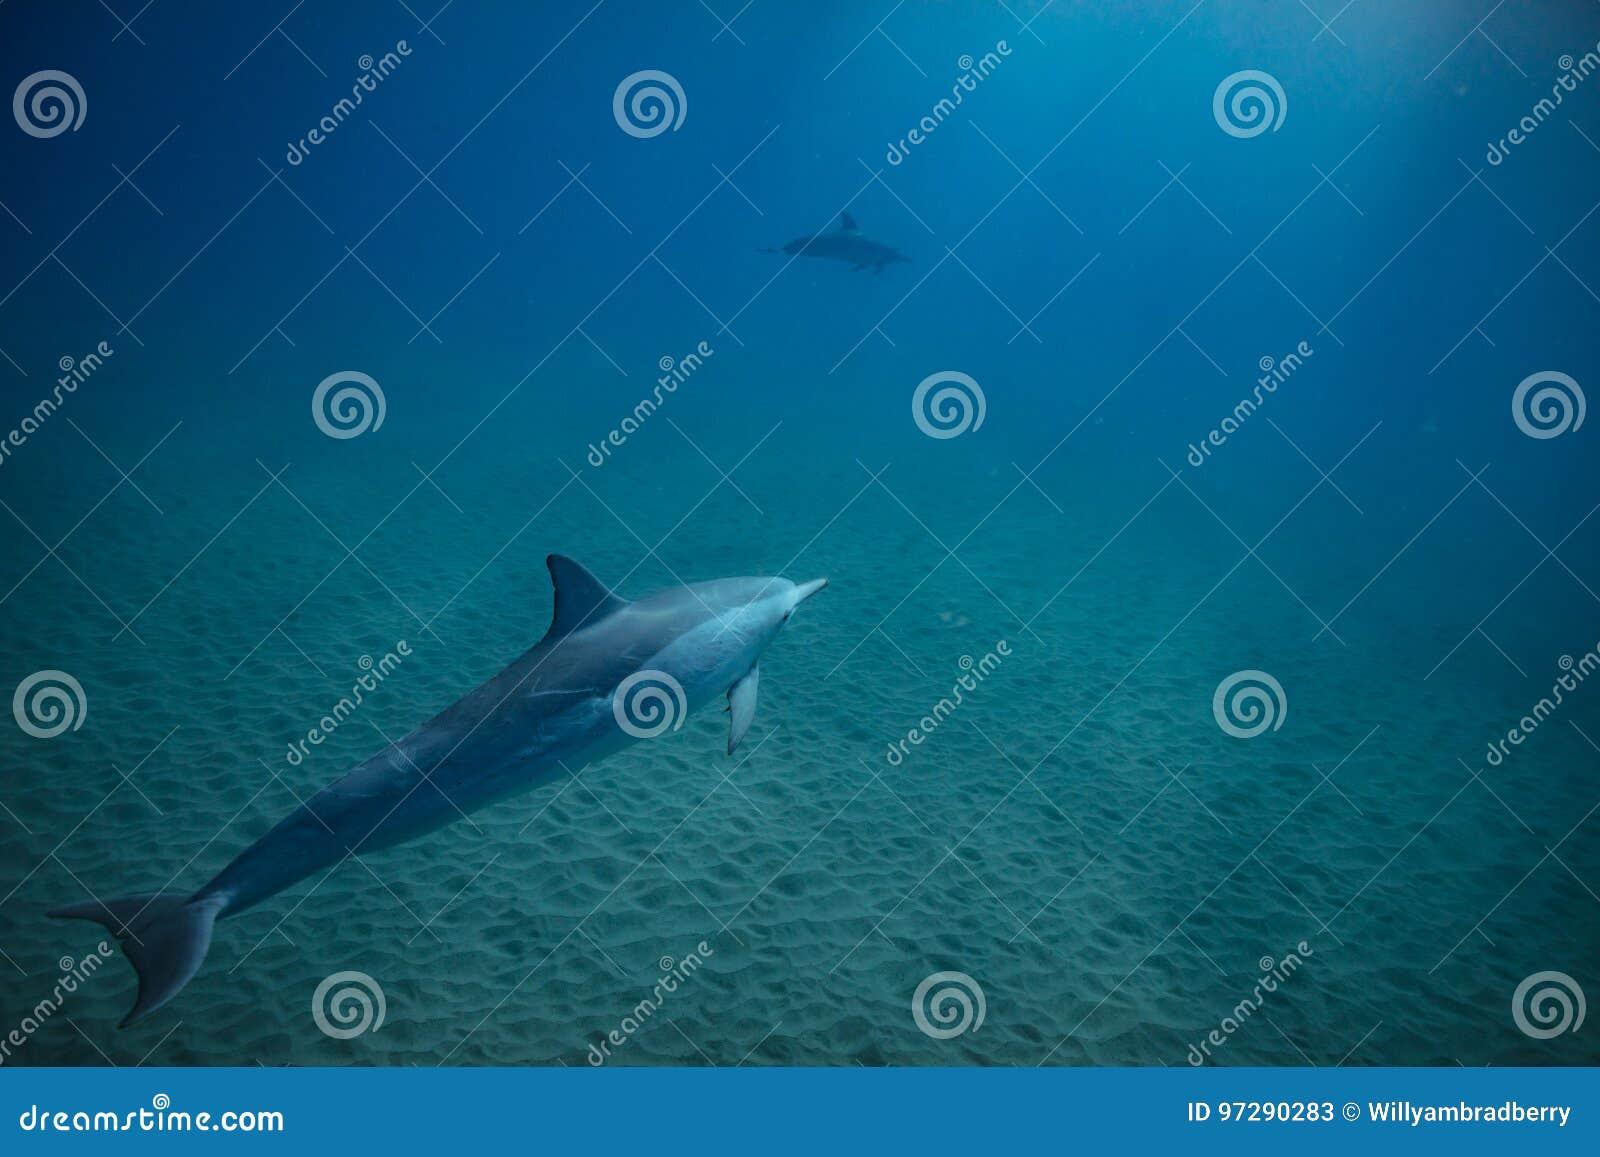 Dos delfínes subacuáticos en azul